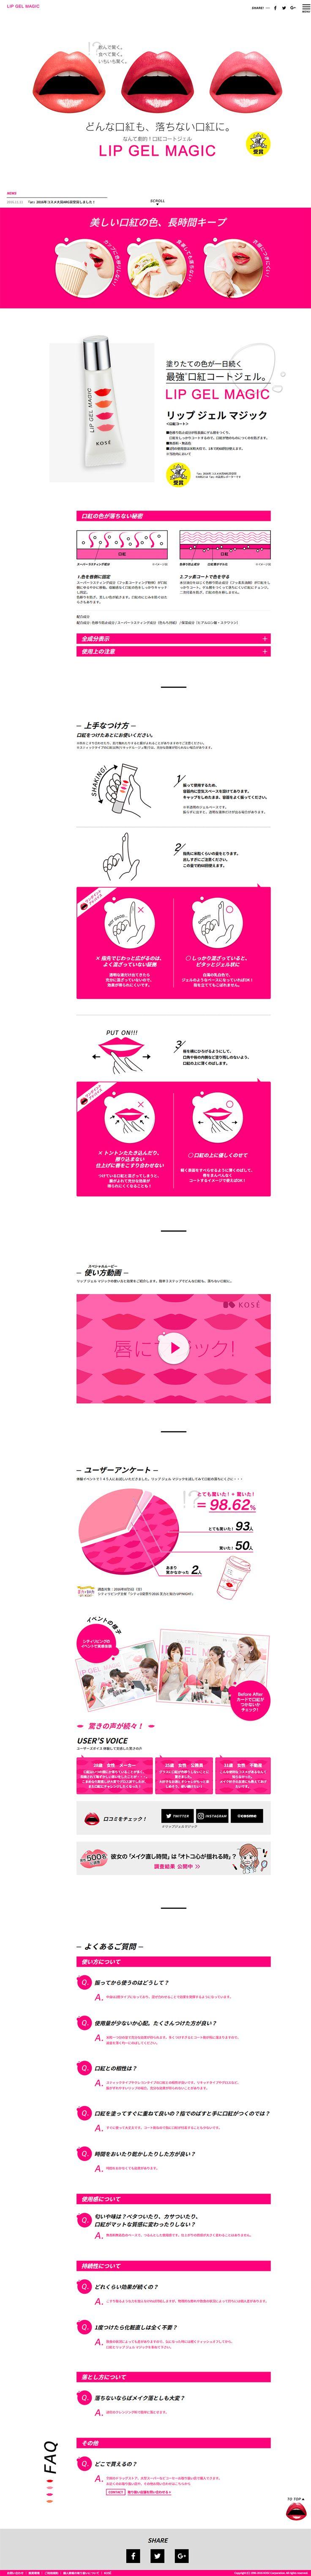 LIP GEL MAGIC(リップジェルマジック)【スキンケア・美容商品関連】のLPデザイン。WEBデザイナーさん必見!ランディングページのデザイン参考に(シンプル系)